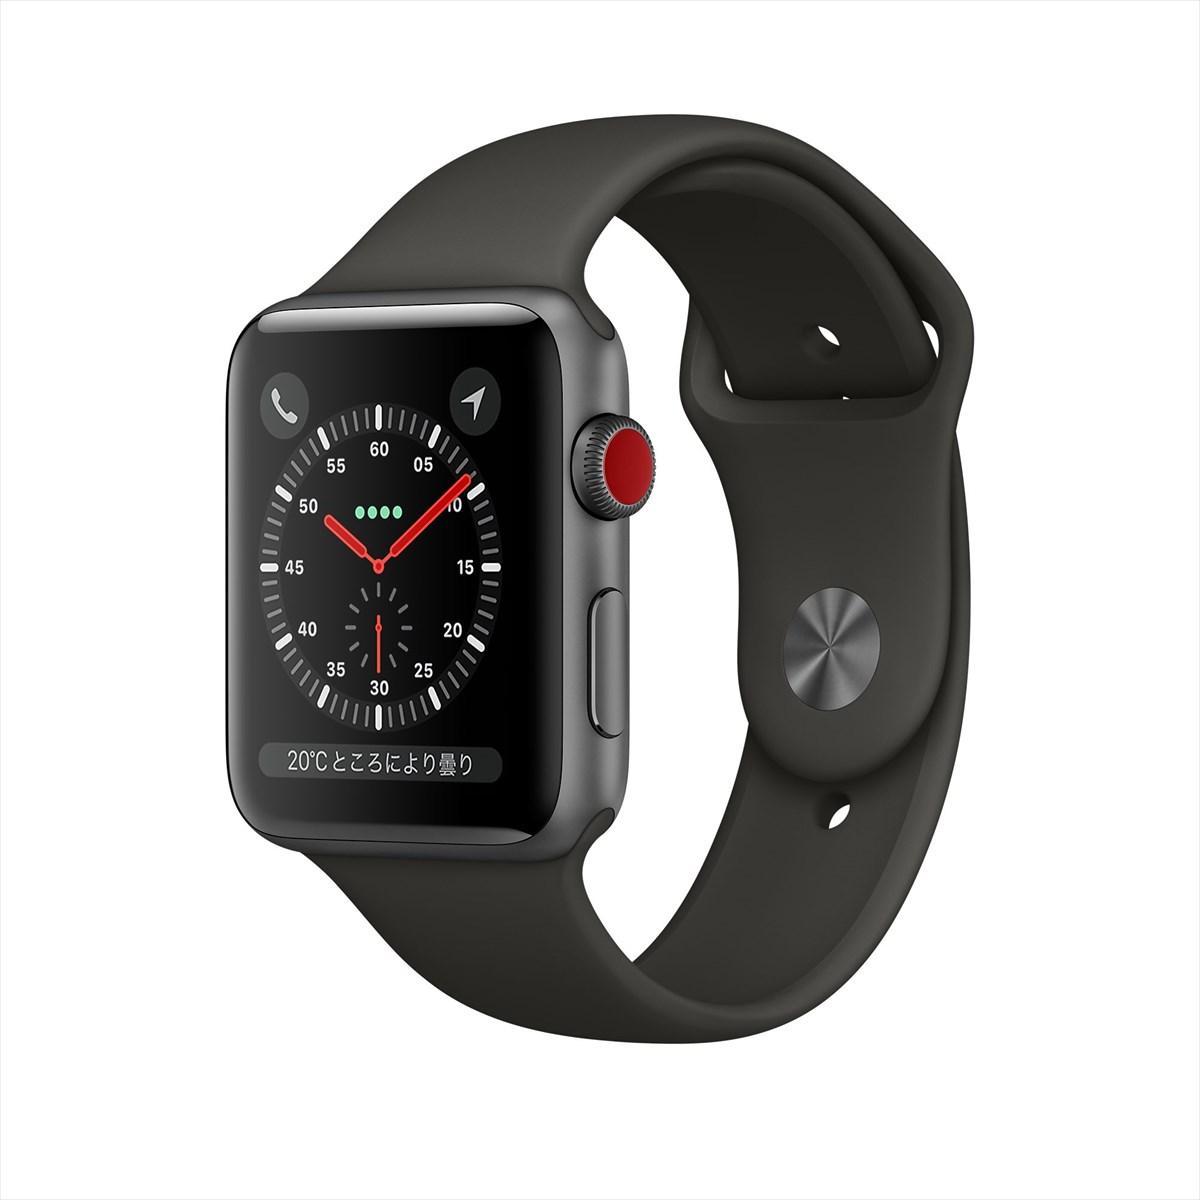 [エントリーでポイント10倍以上&最大2000円引クーポン]アップルウォッチ 本体 Apple Watch Series 3 42mm スペースグレイアルミニウムケースとブラックスポーツバンド シリーズ3 (GPS + Cellularモデル)MQKN2J/A